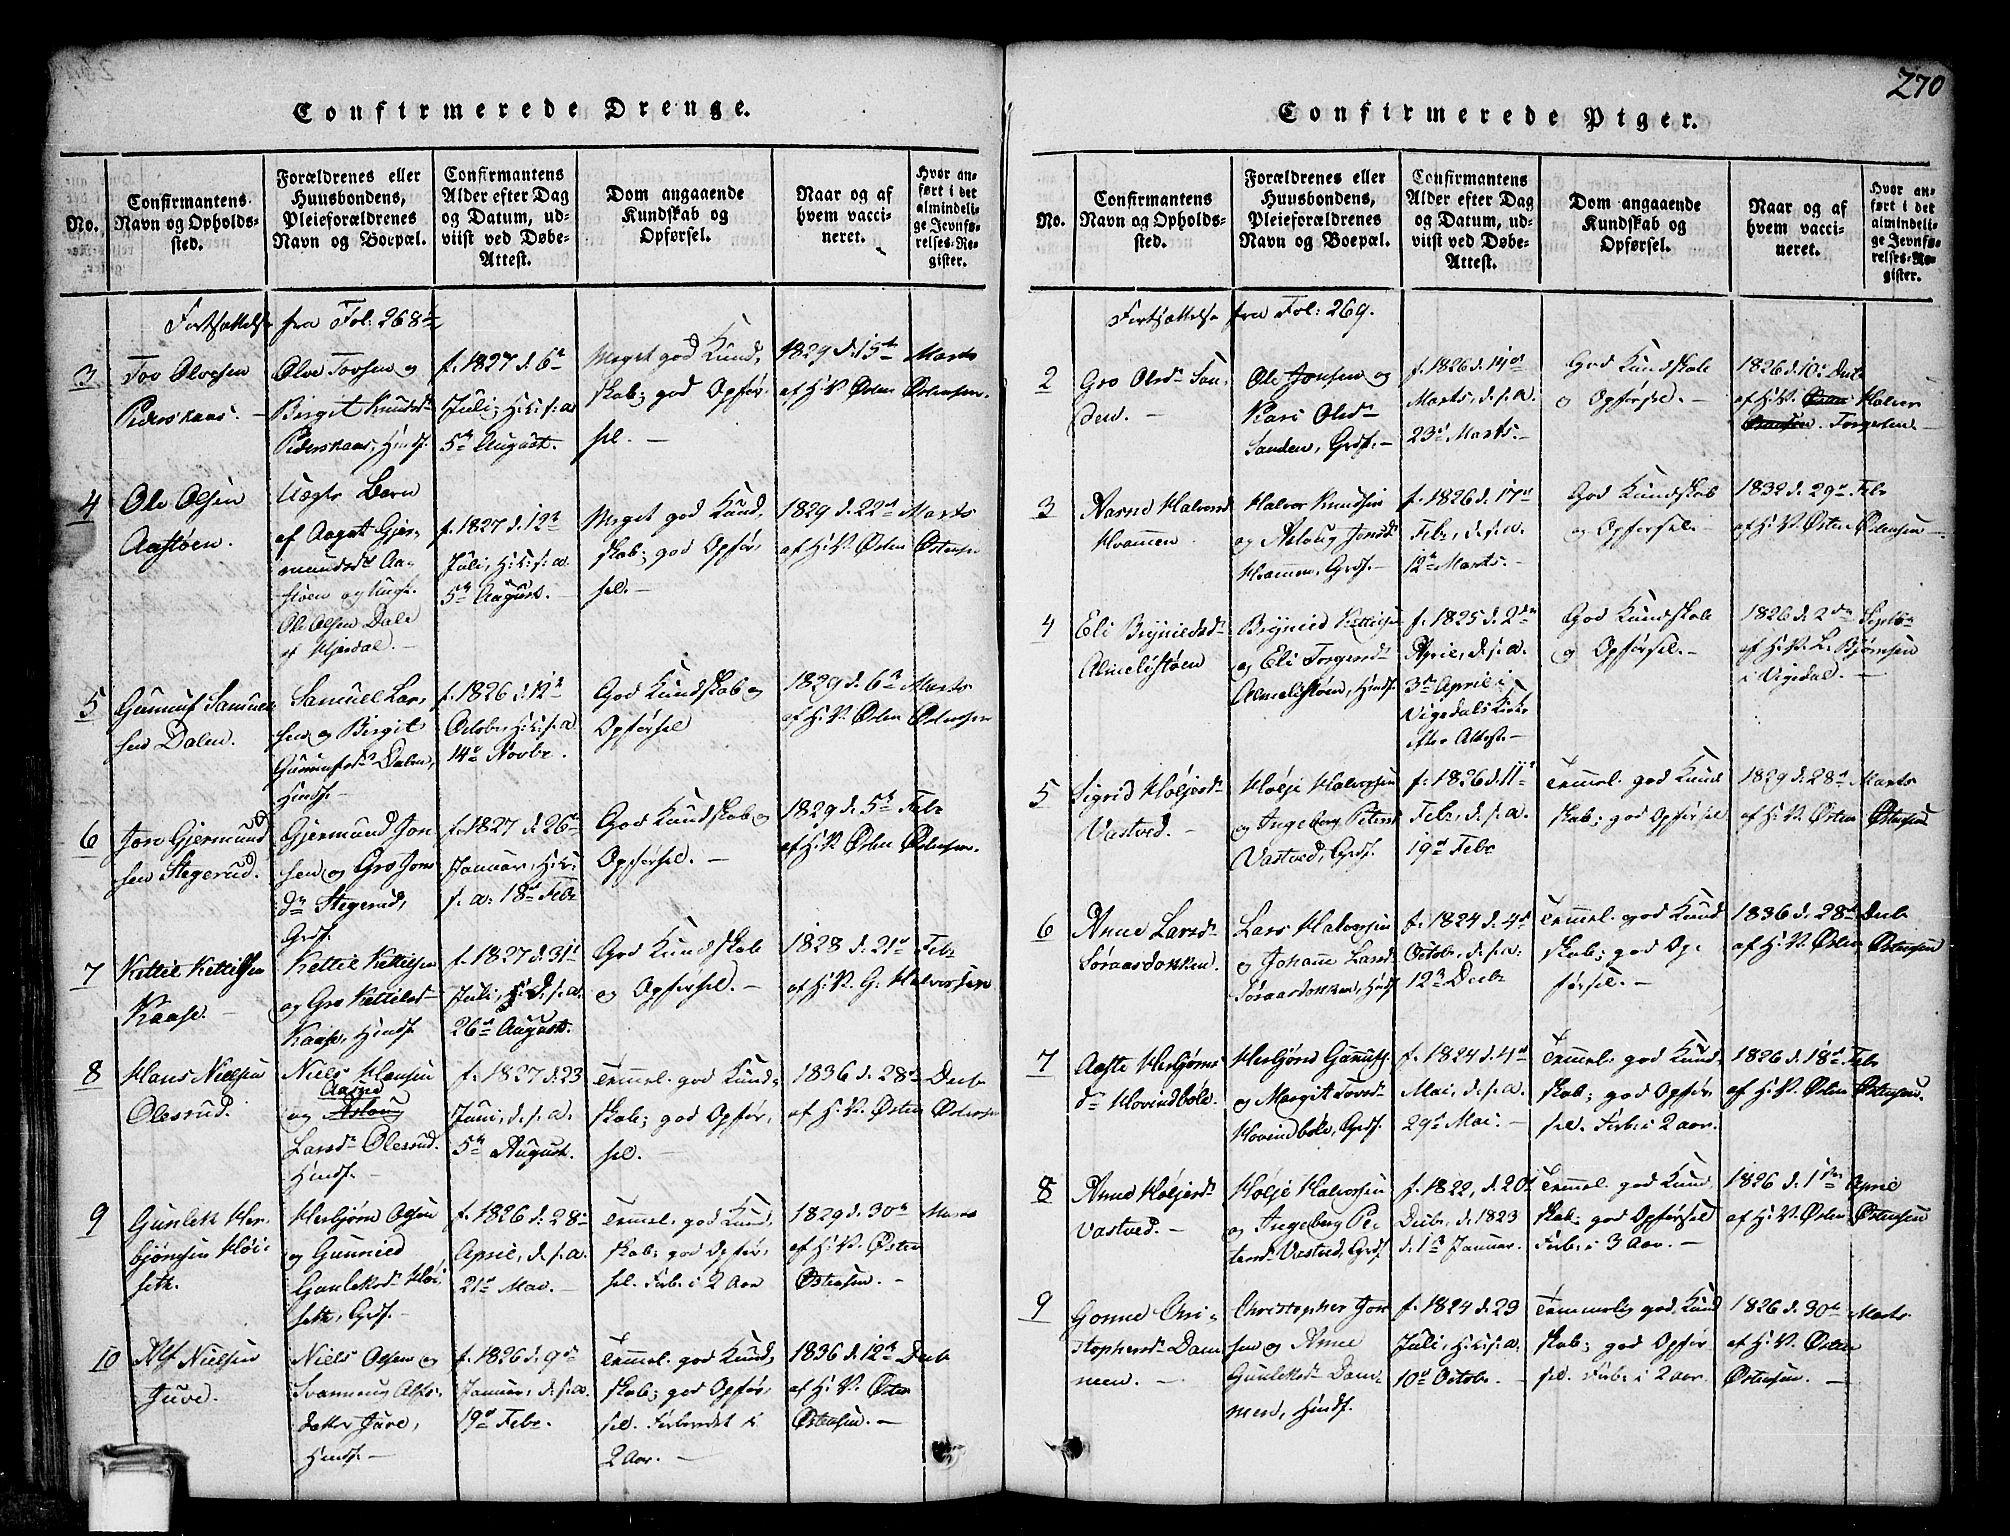 SAKO, Gransherad kirkebøker, G/Gb/L0001: Klokkerbok nr. II 1, 1815-1860, s. 270